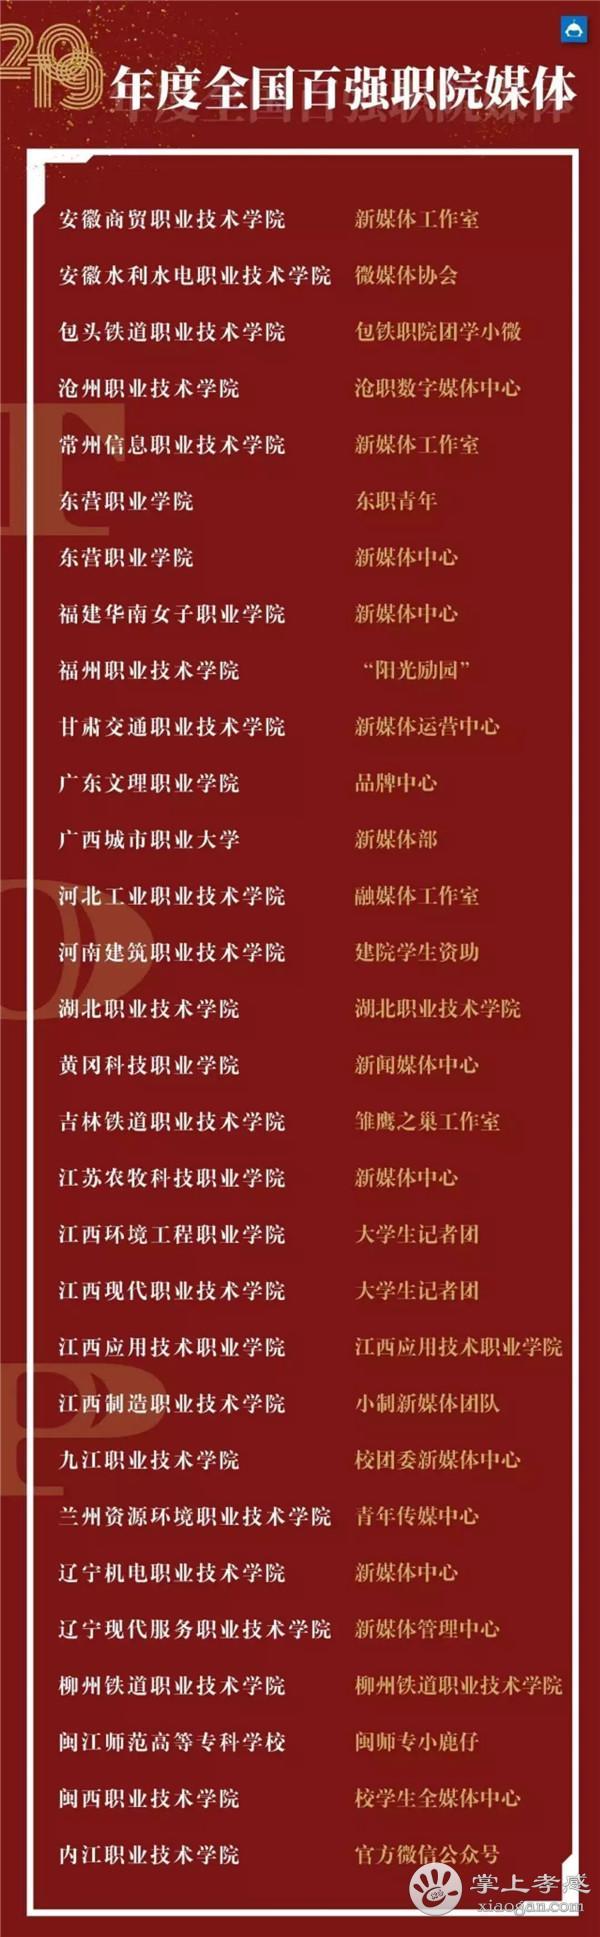 2019年度全国百强校媒揭晓,湖北职业技术学院入选![图2]